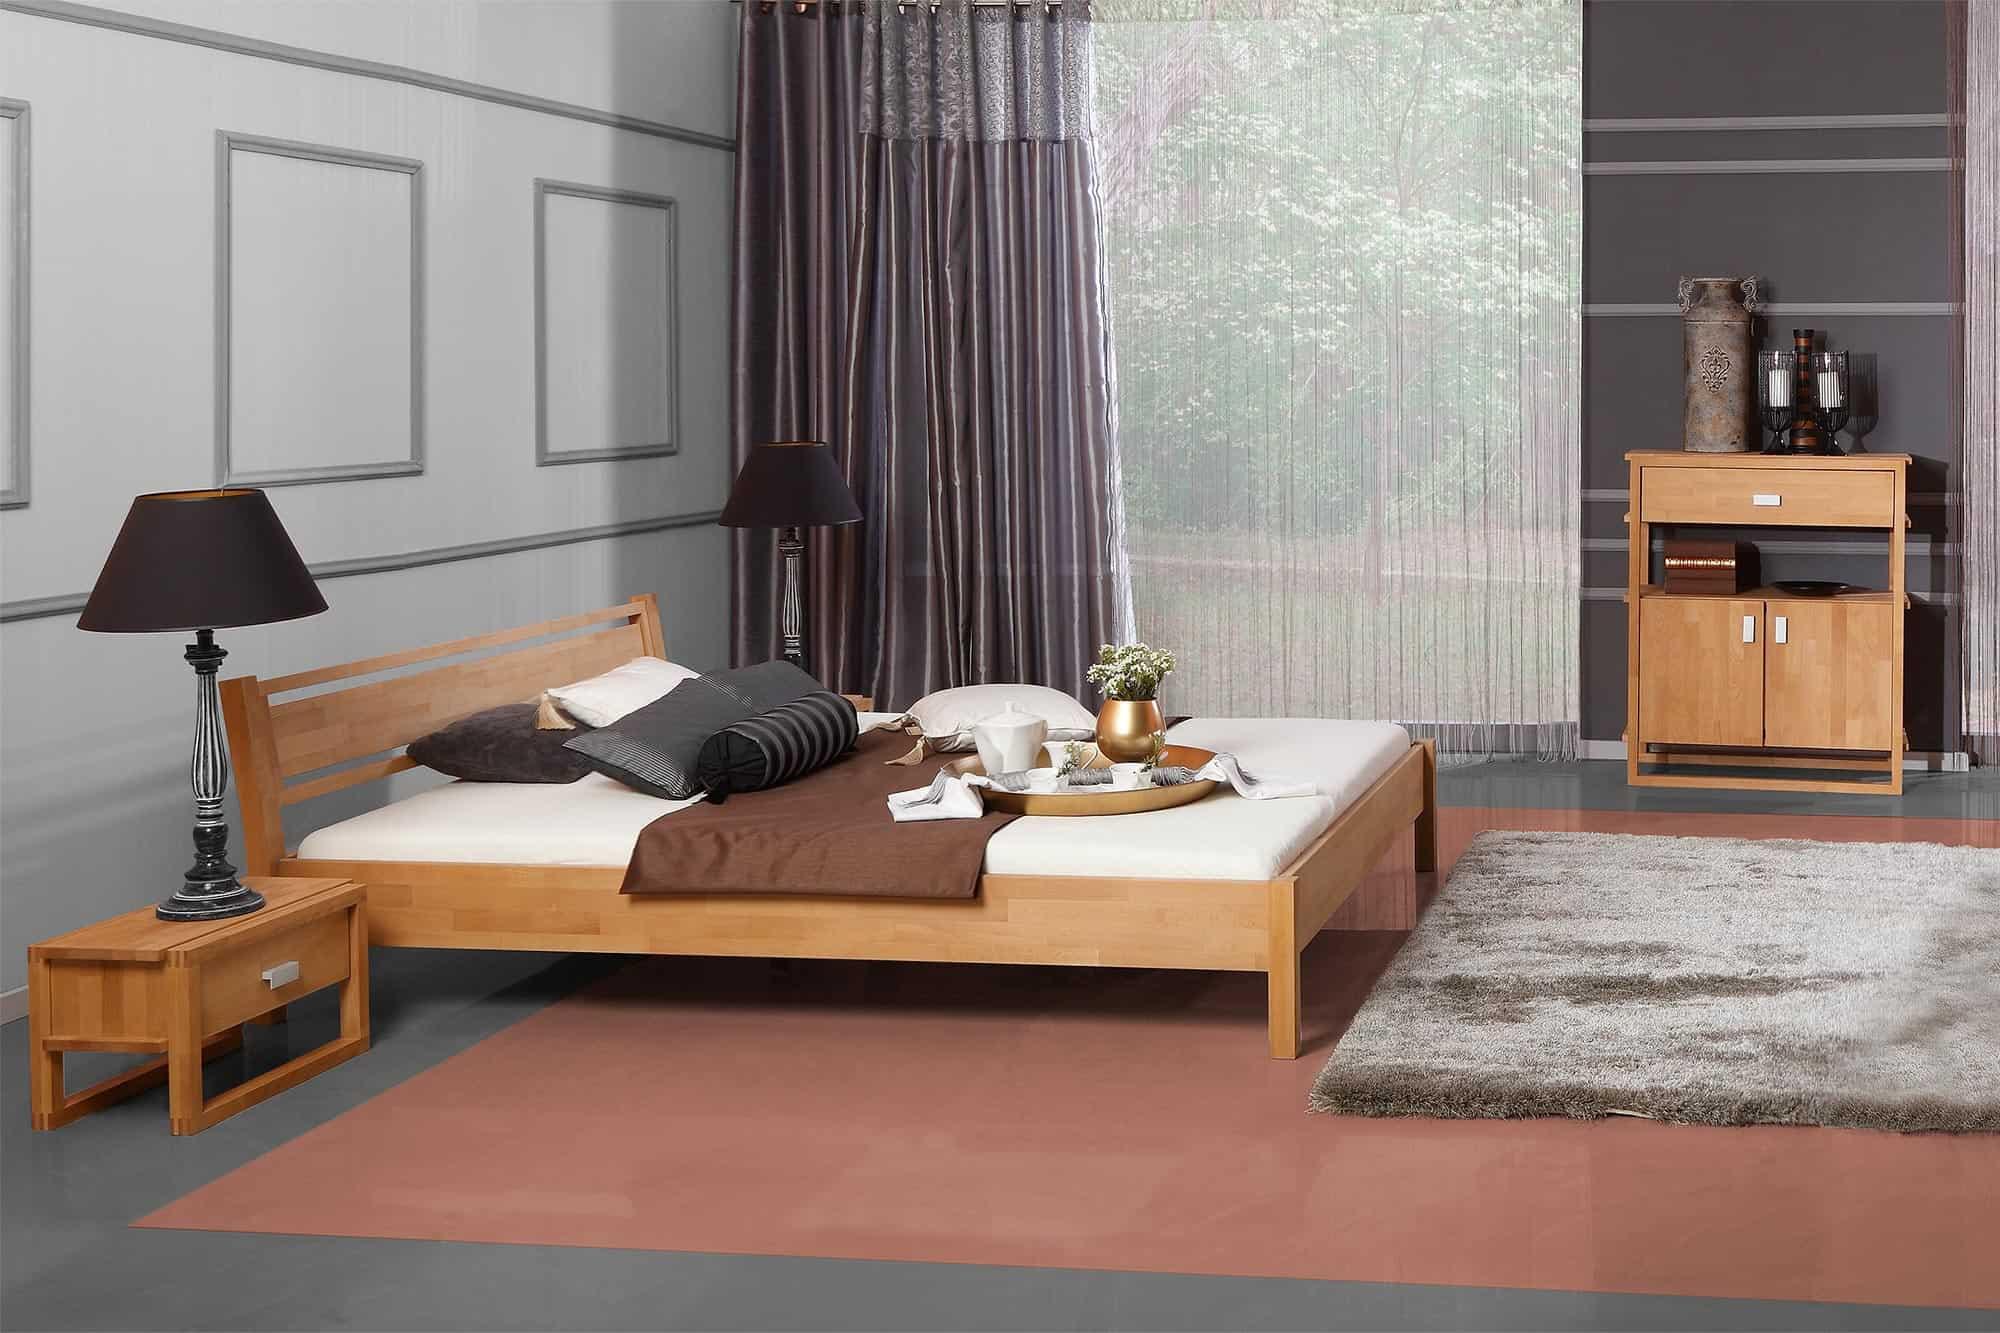 Zdjęcie 2 - Kolekcja MINIMAL do sypialni